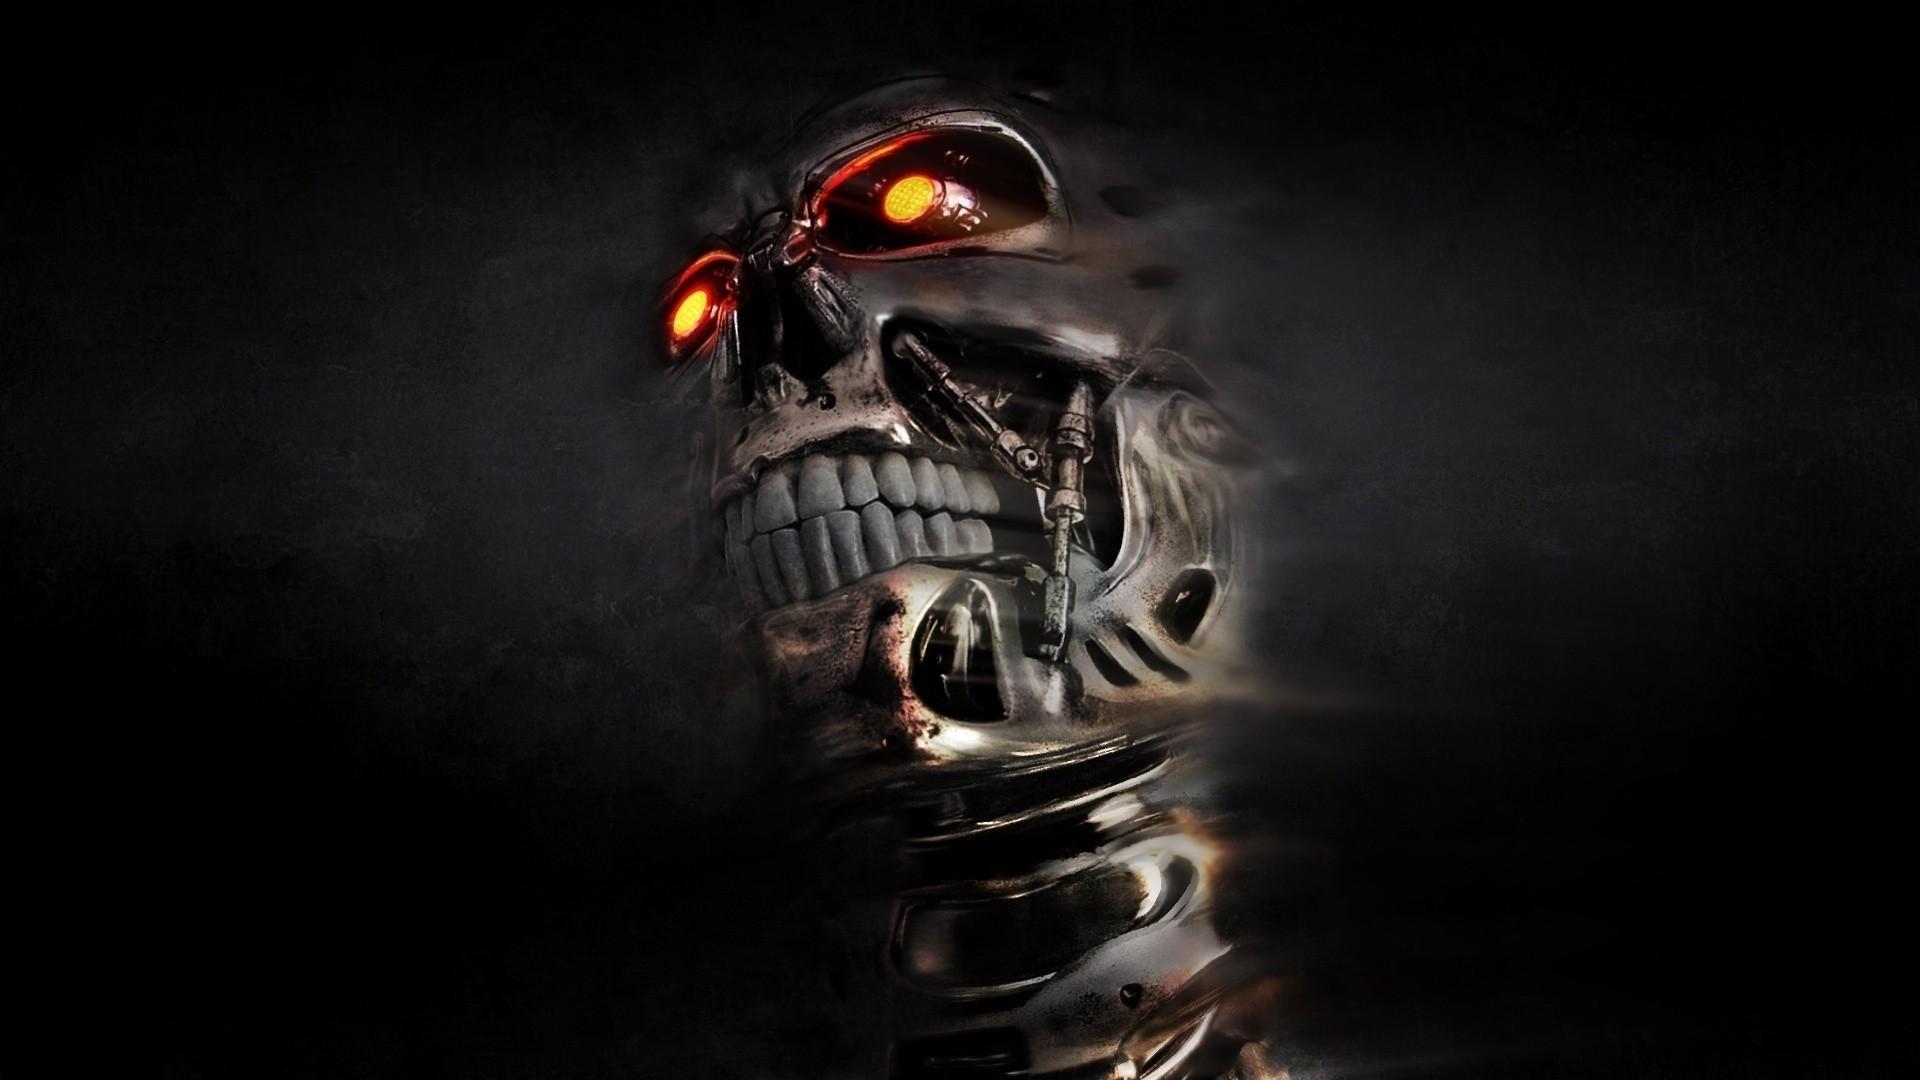 Skull Wallpaper 3D 1